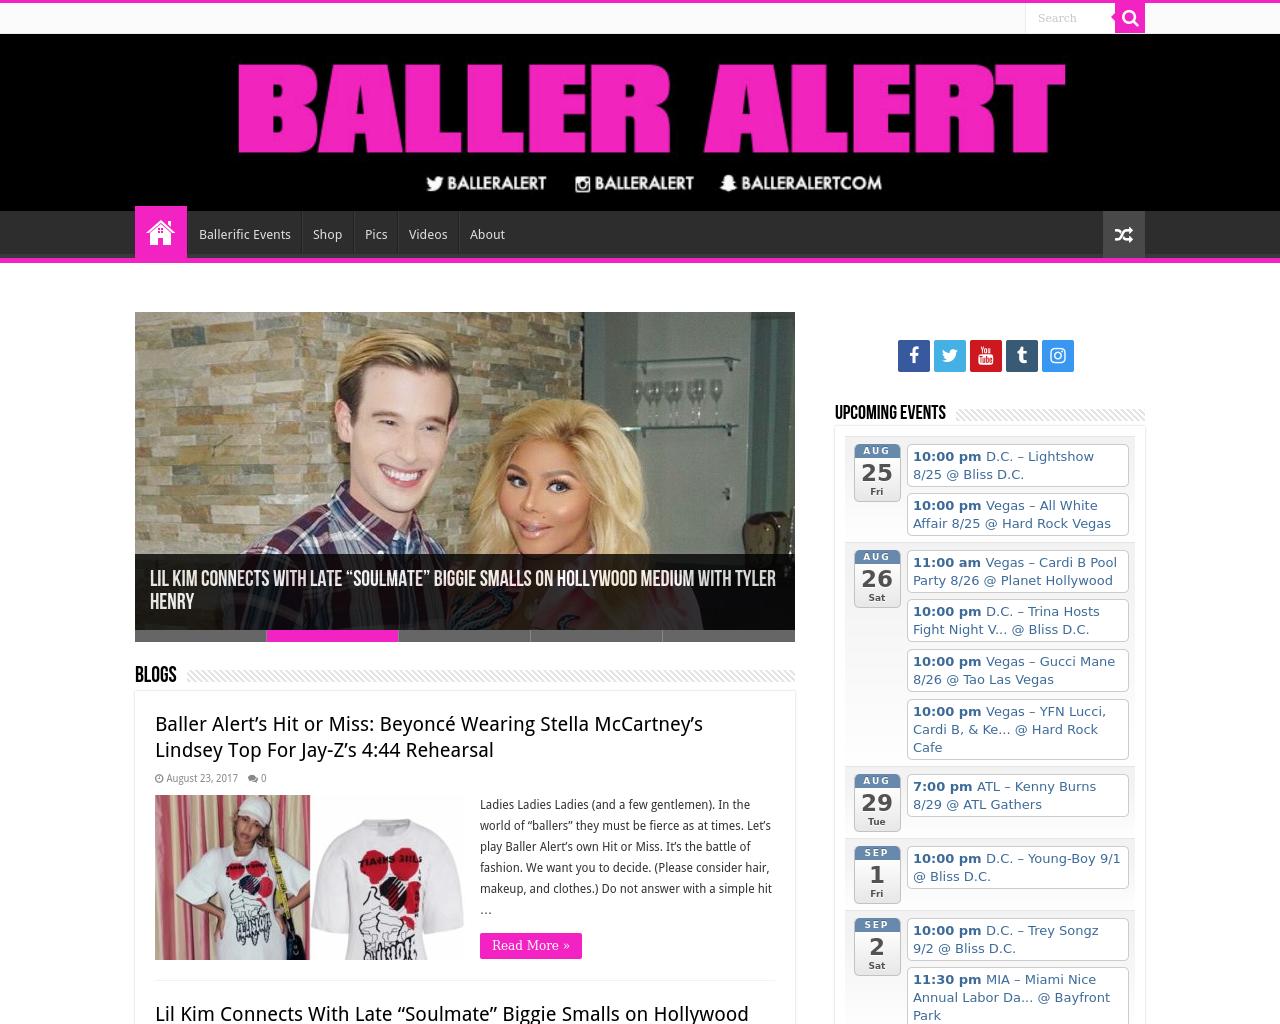 baller-Alert-Advertising-Reviews-Pricing